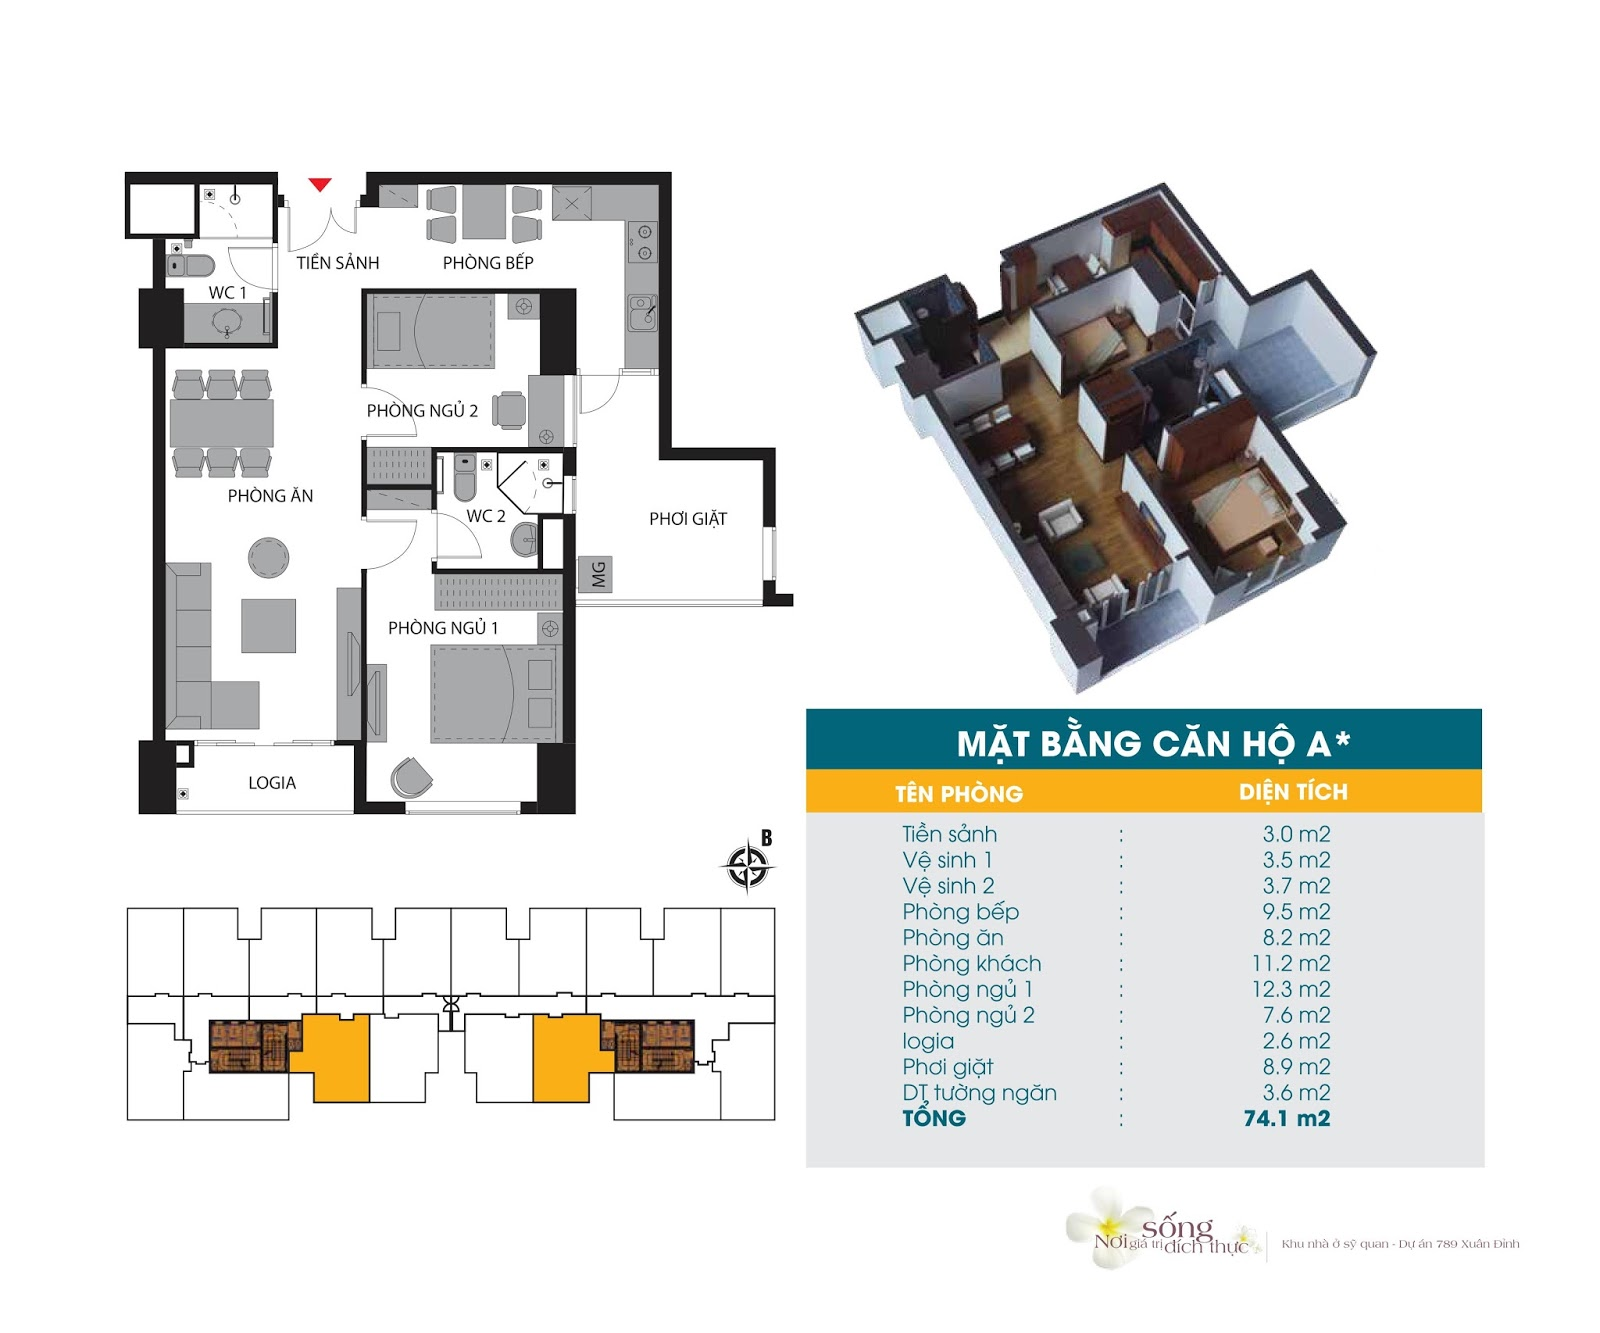 Thiết kế căn hộ 74.1m2 Chung cư 789 Xuân Đỉnh